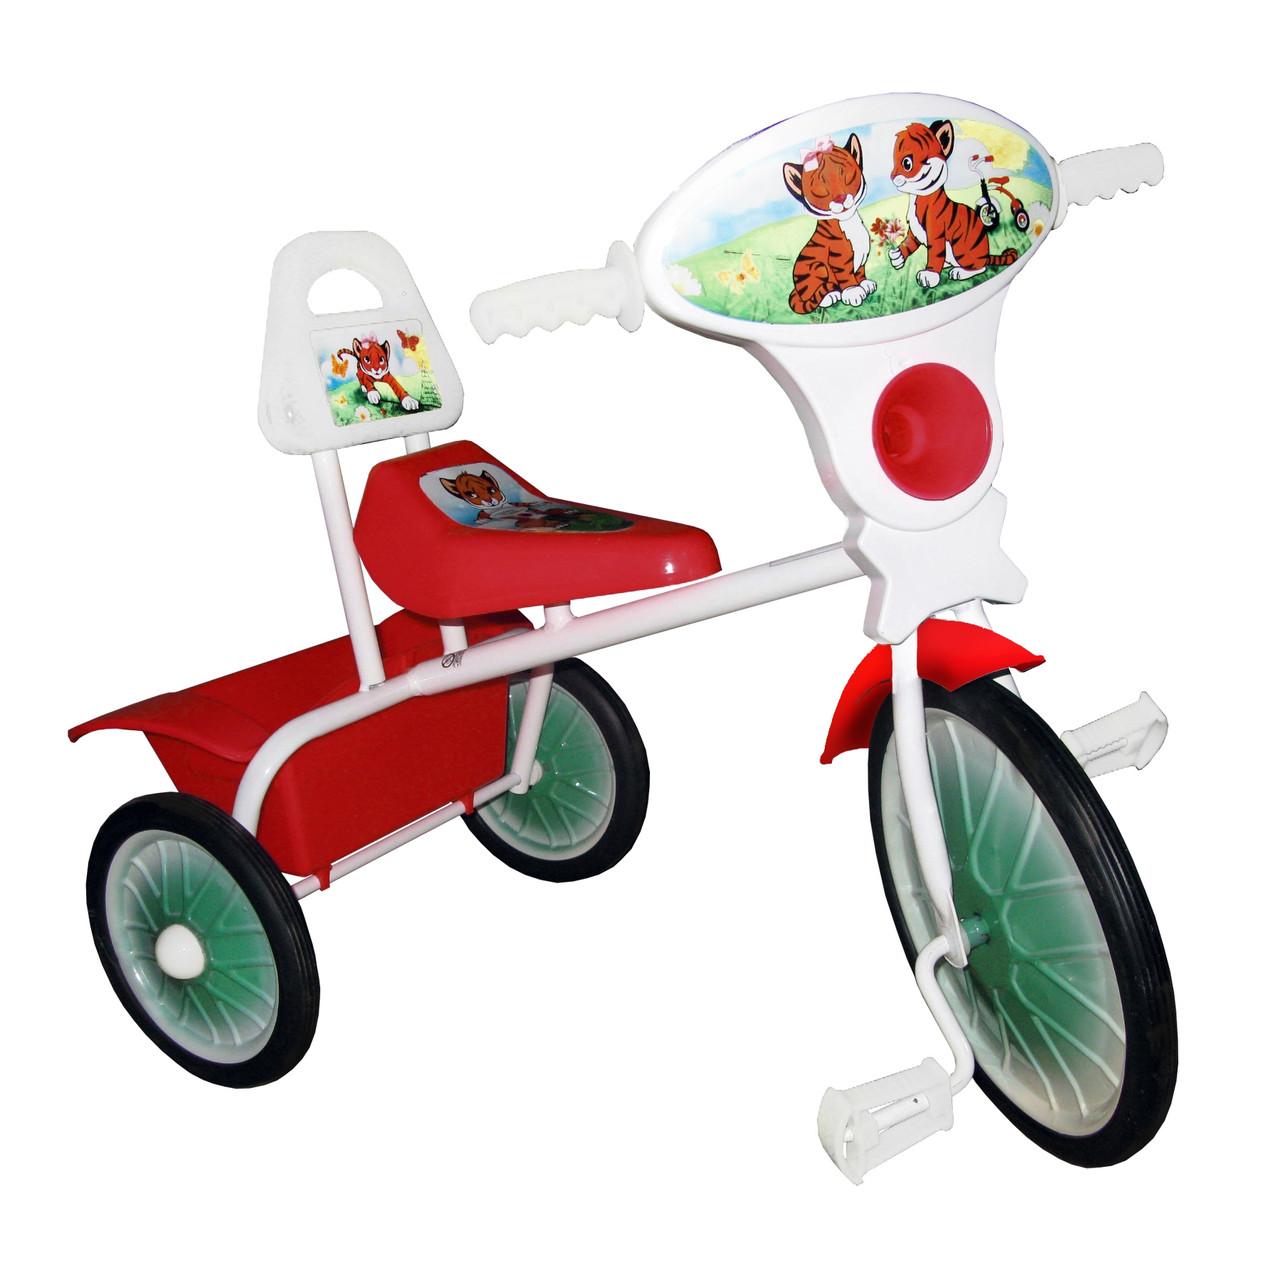 Велосипед трехколесный мод. 527-501-09 (со спинкой, с кузовком, без ограждения, без доп. подножки, без управля